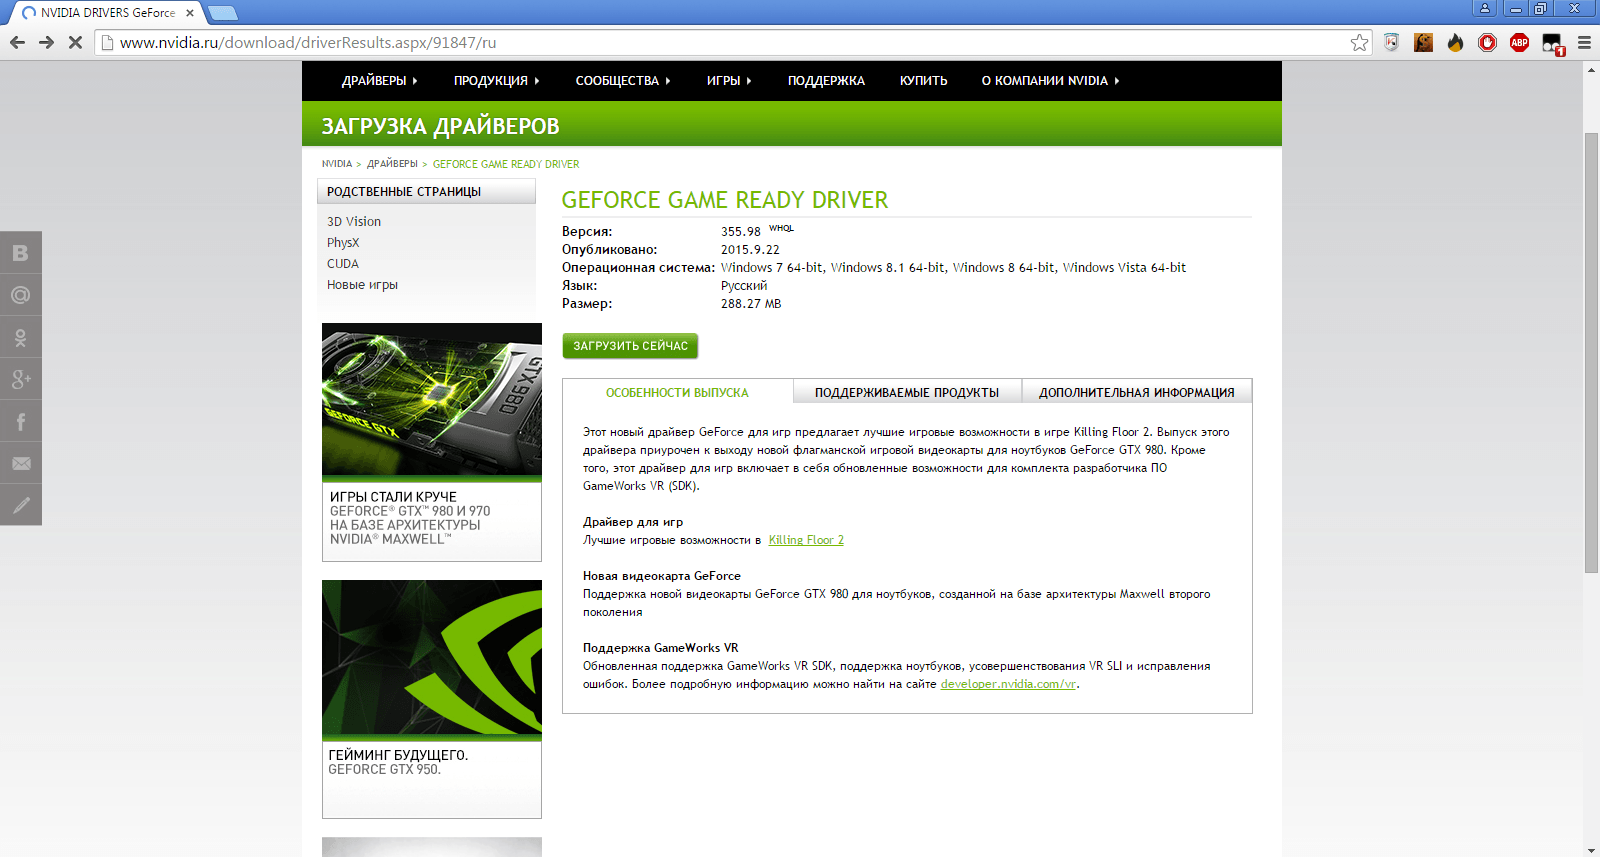 Скачать последние драйвера nvidia для windows 8